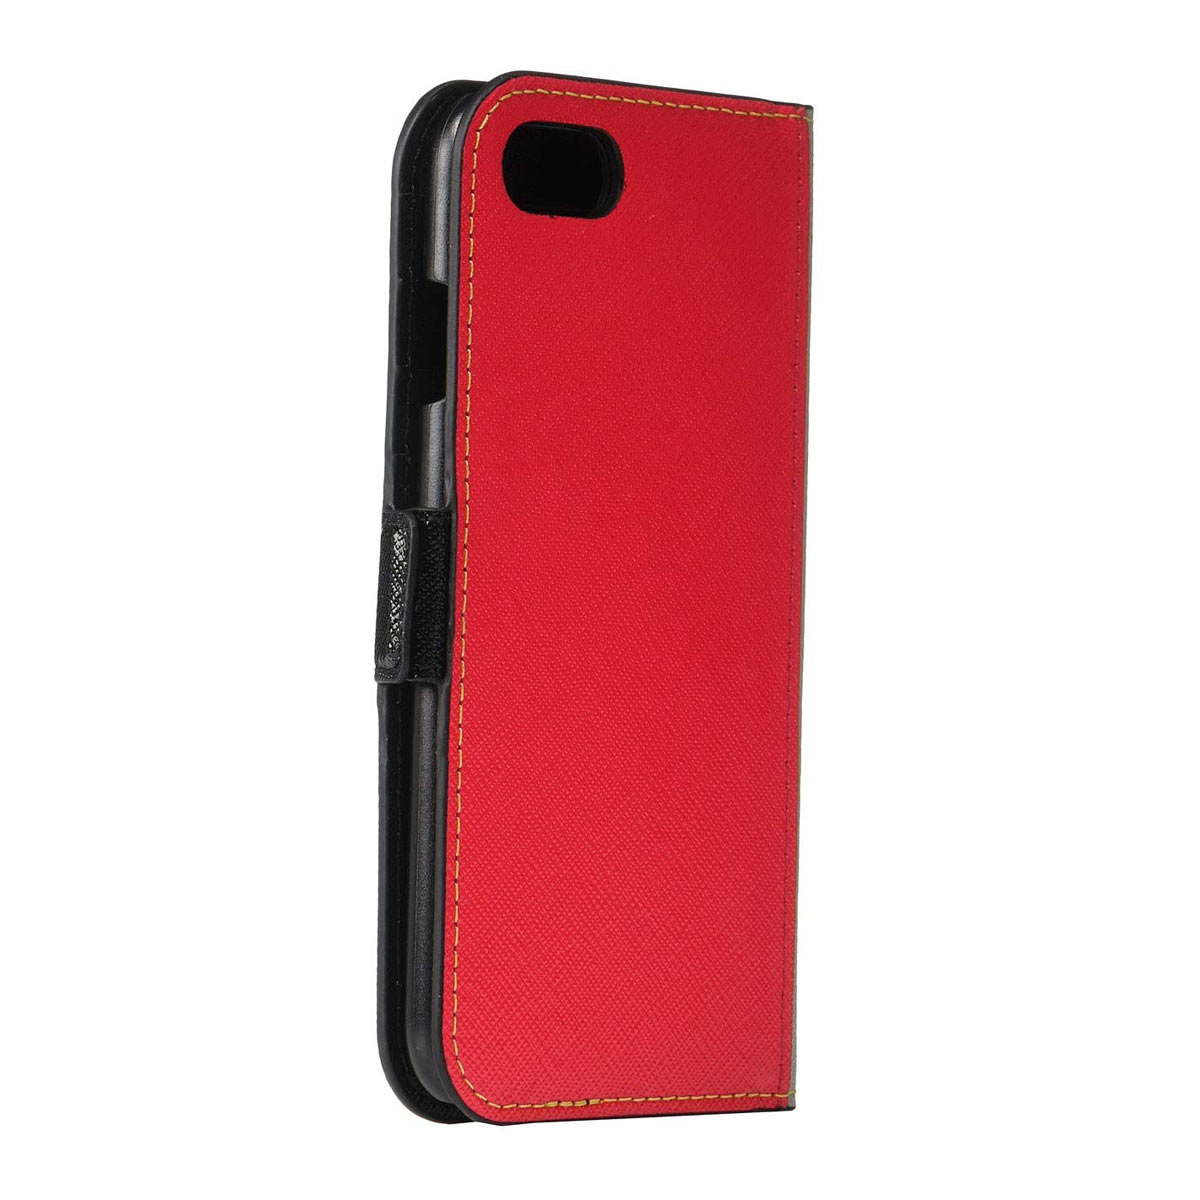 マークジェイコブス スマホケース 手帳型 スマホカバー iphone8 ケース カバー かわいい ブランド MARC JACOBS